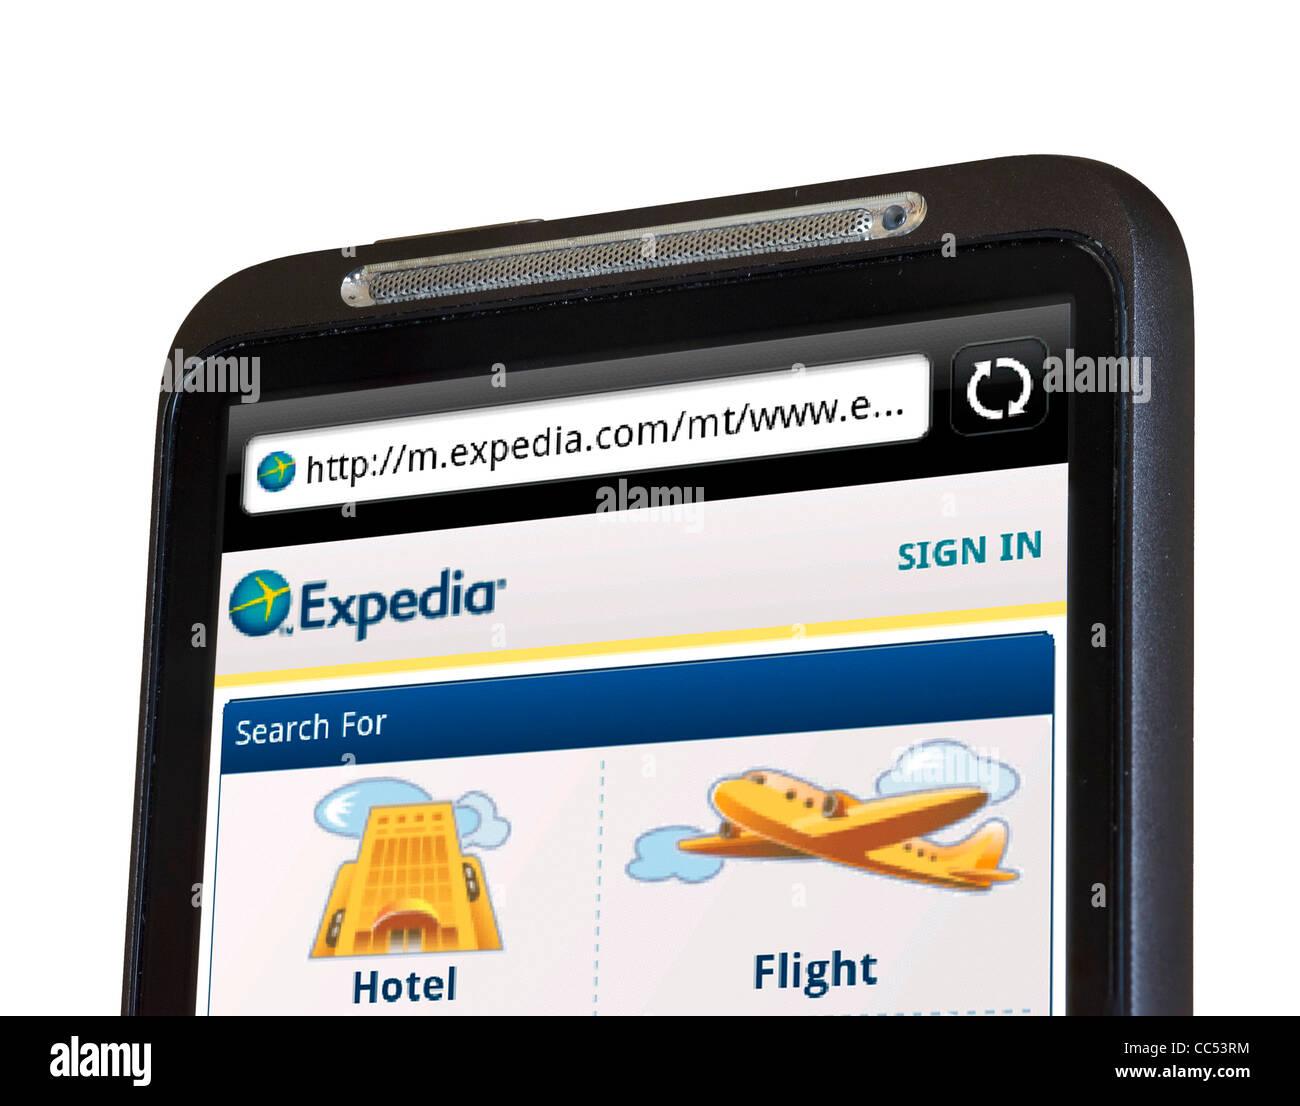 Expedia Reise-Website auf einem HTC-Smartphone Surfen Stockbild